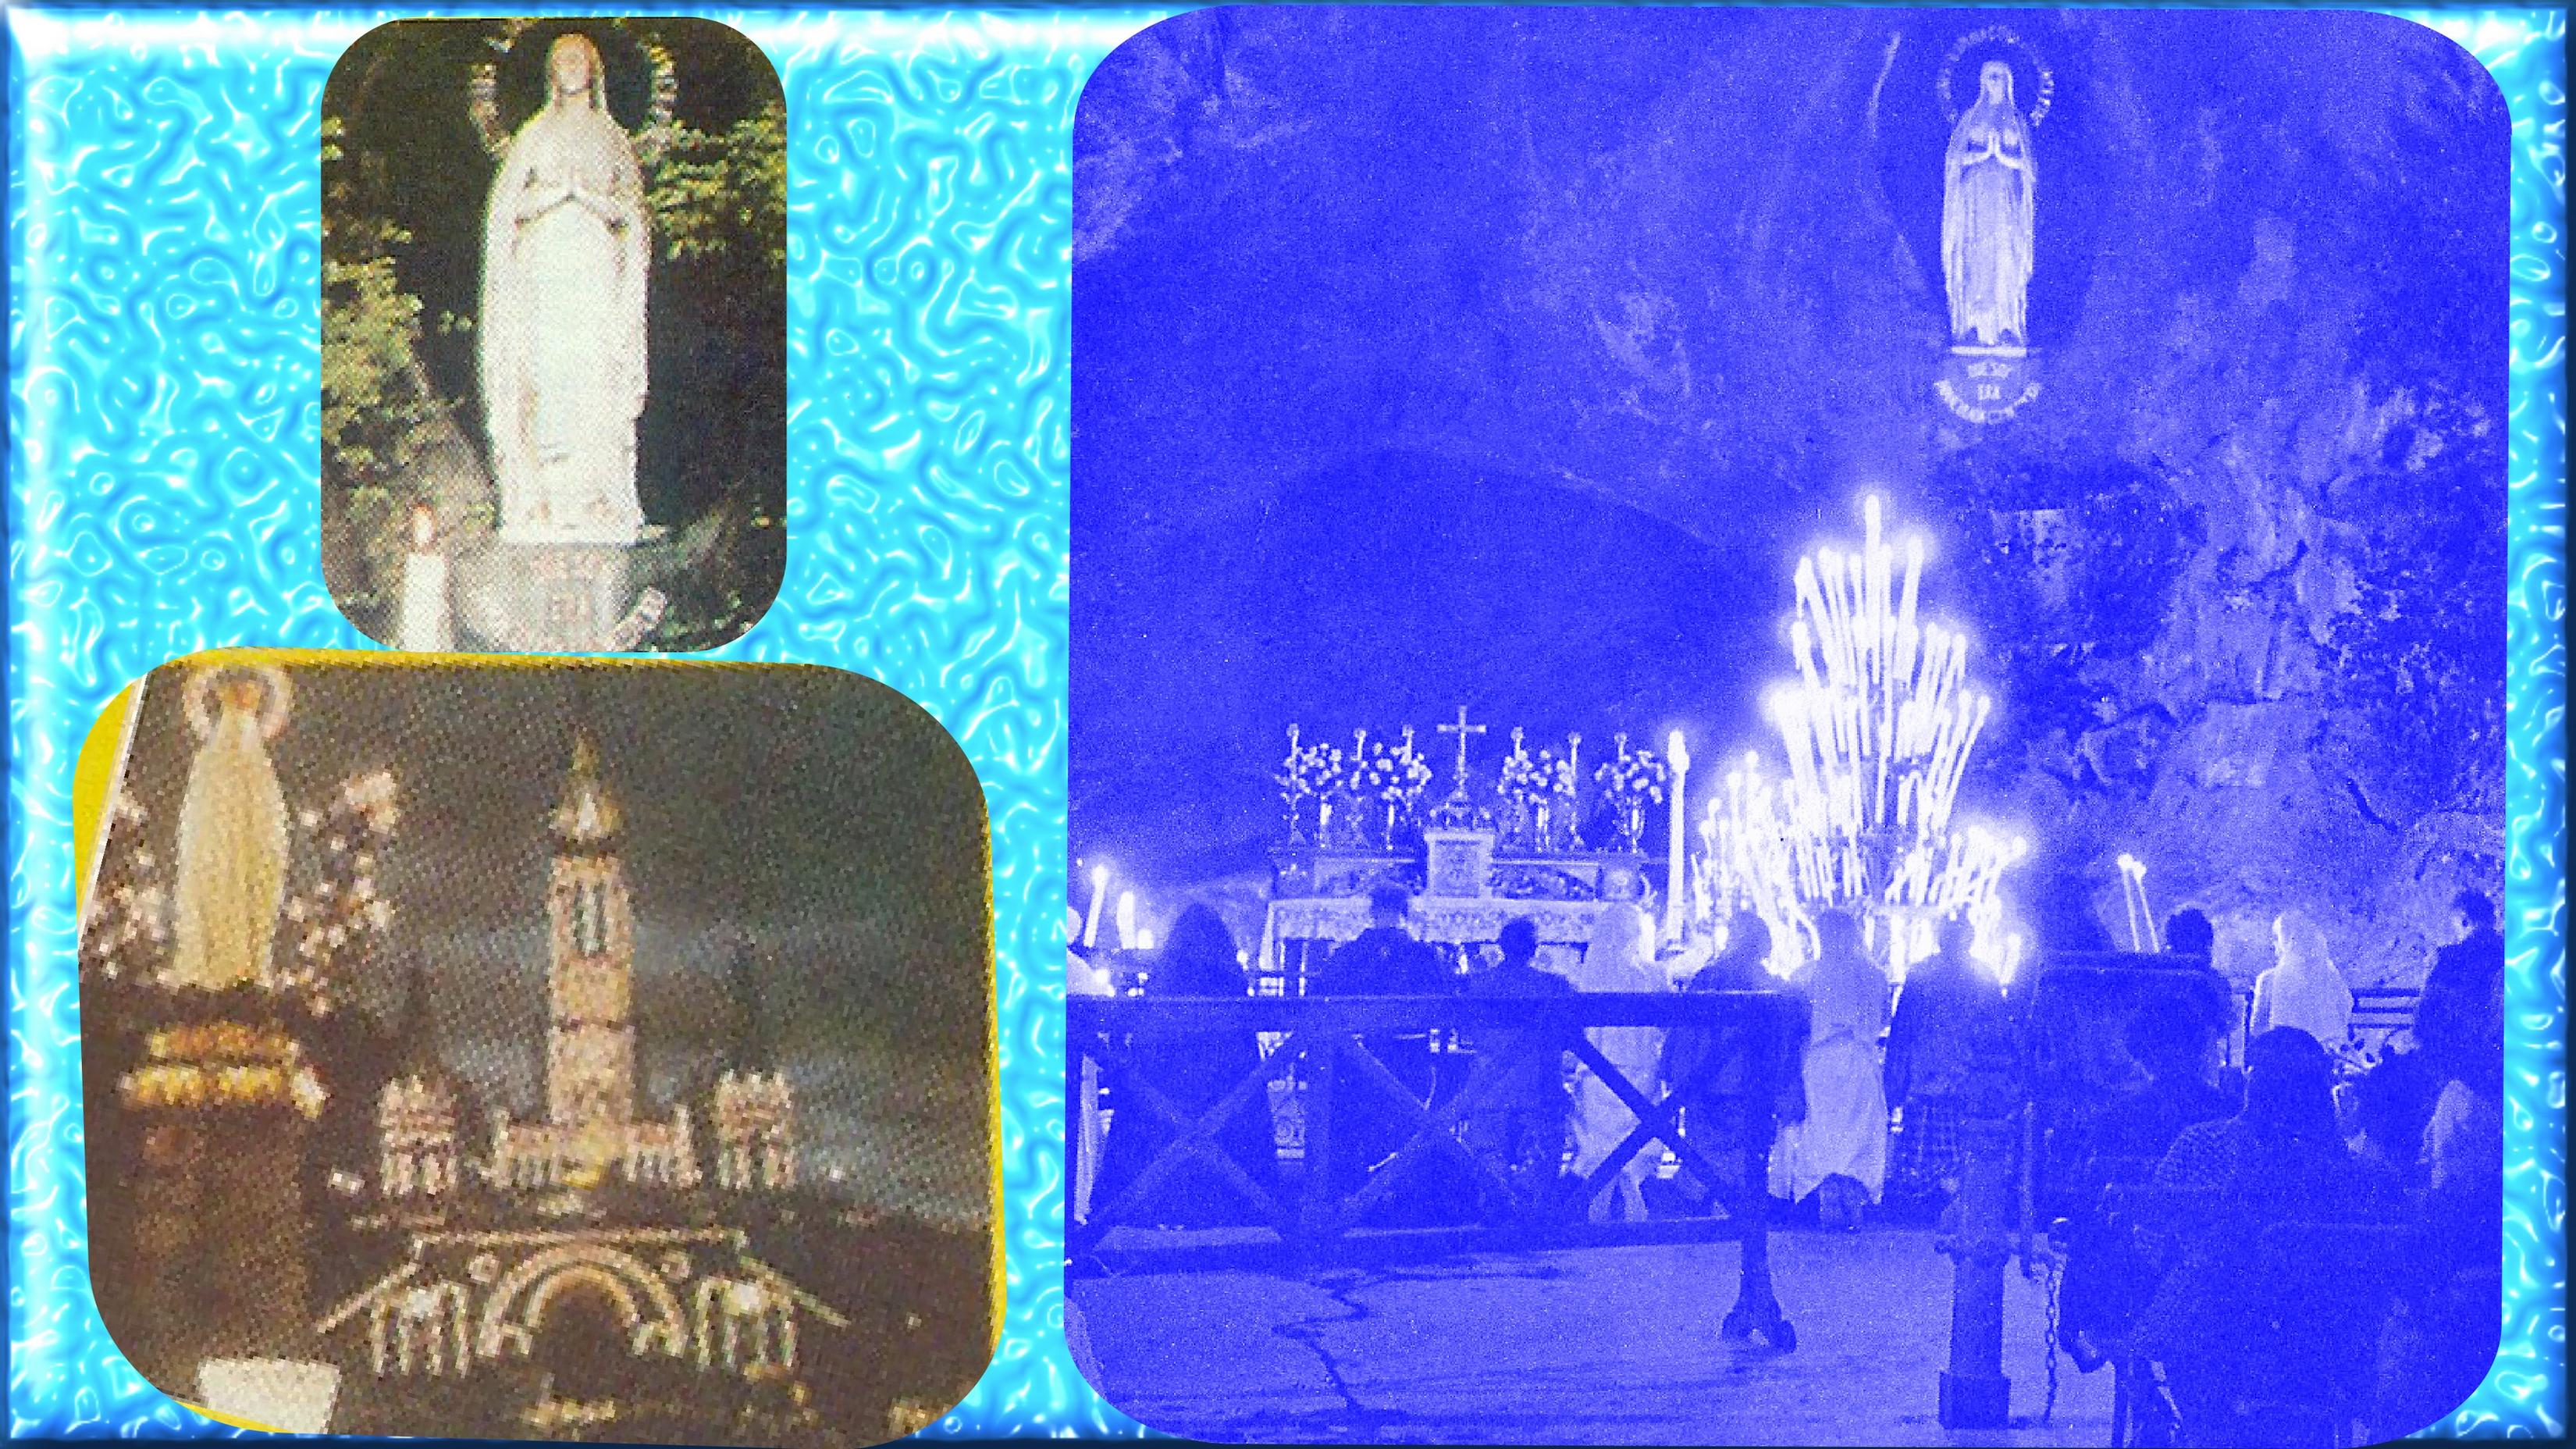 LOURDES HISTORIQUE - Page 2 Lourdes-5704b24